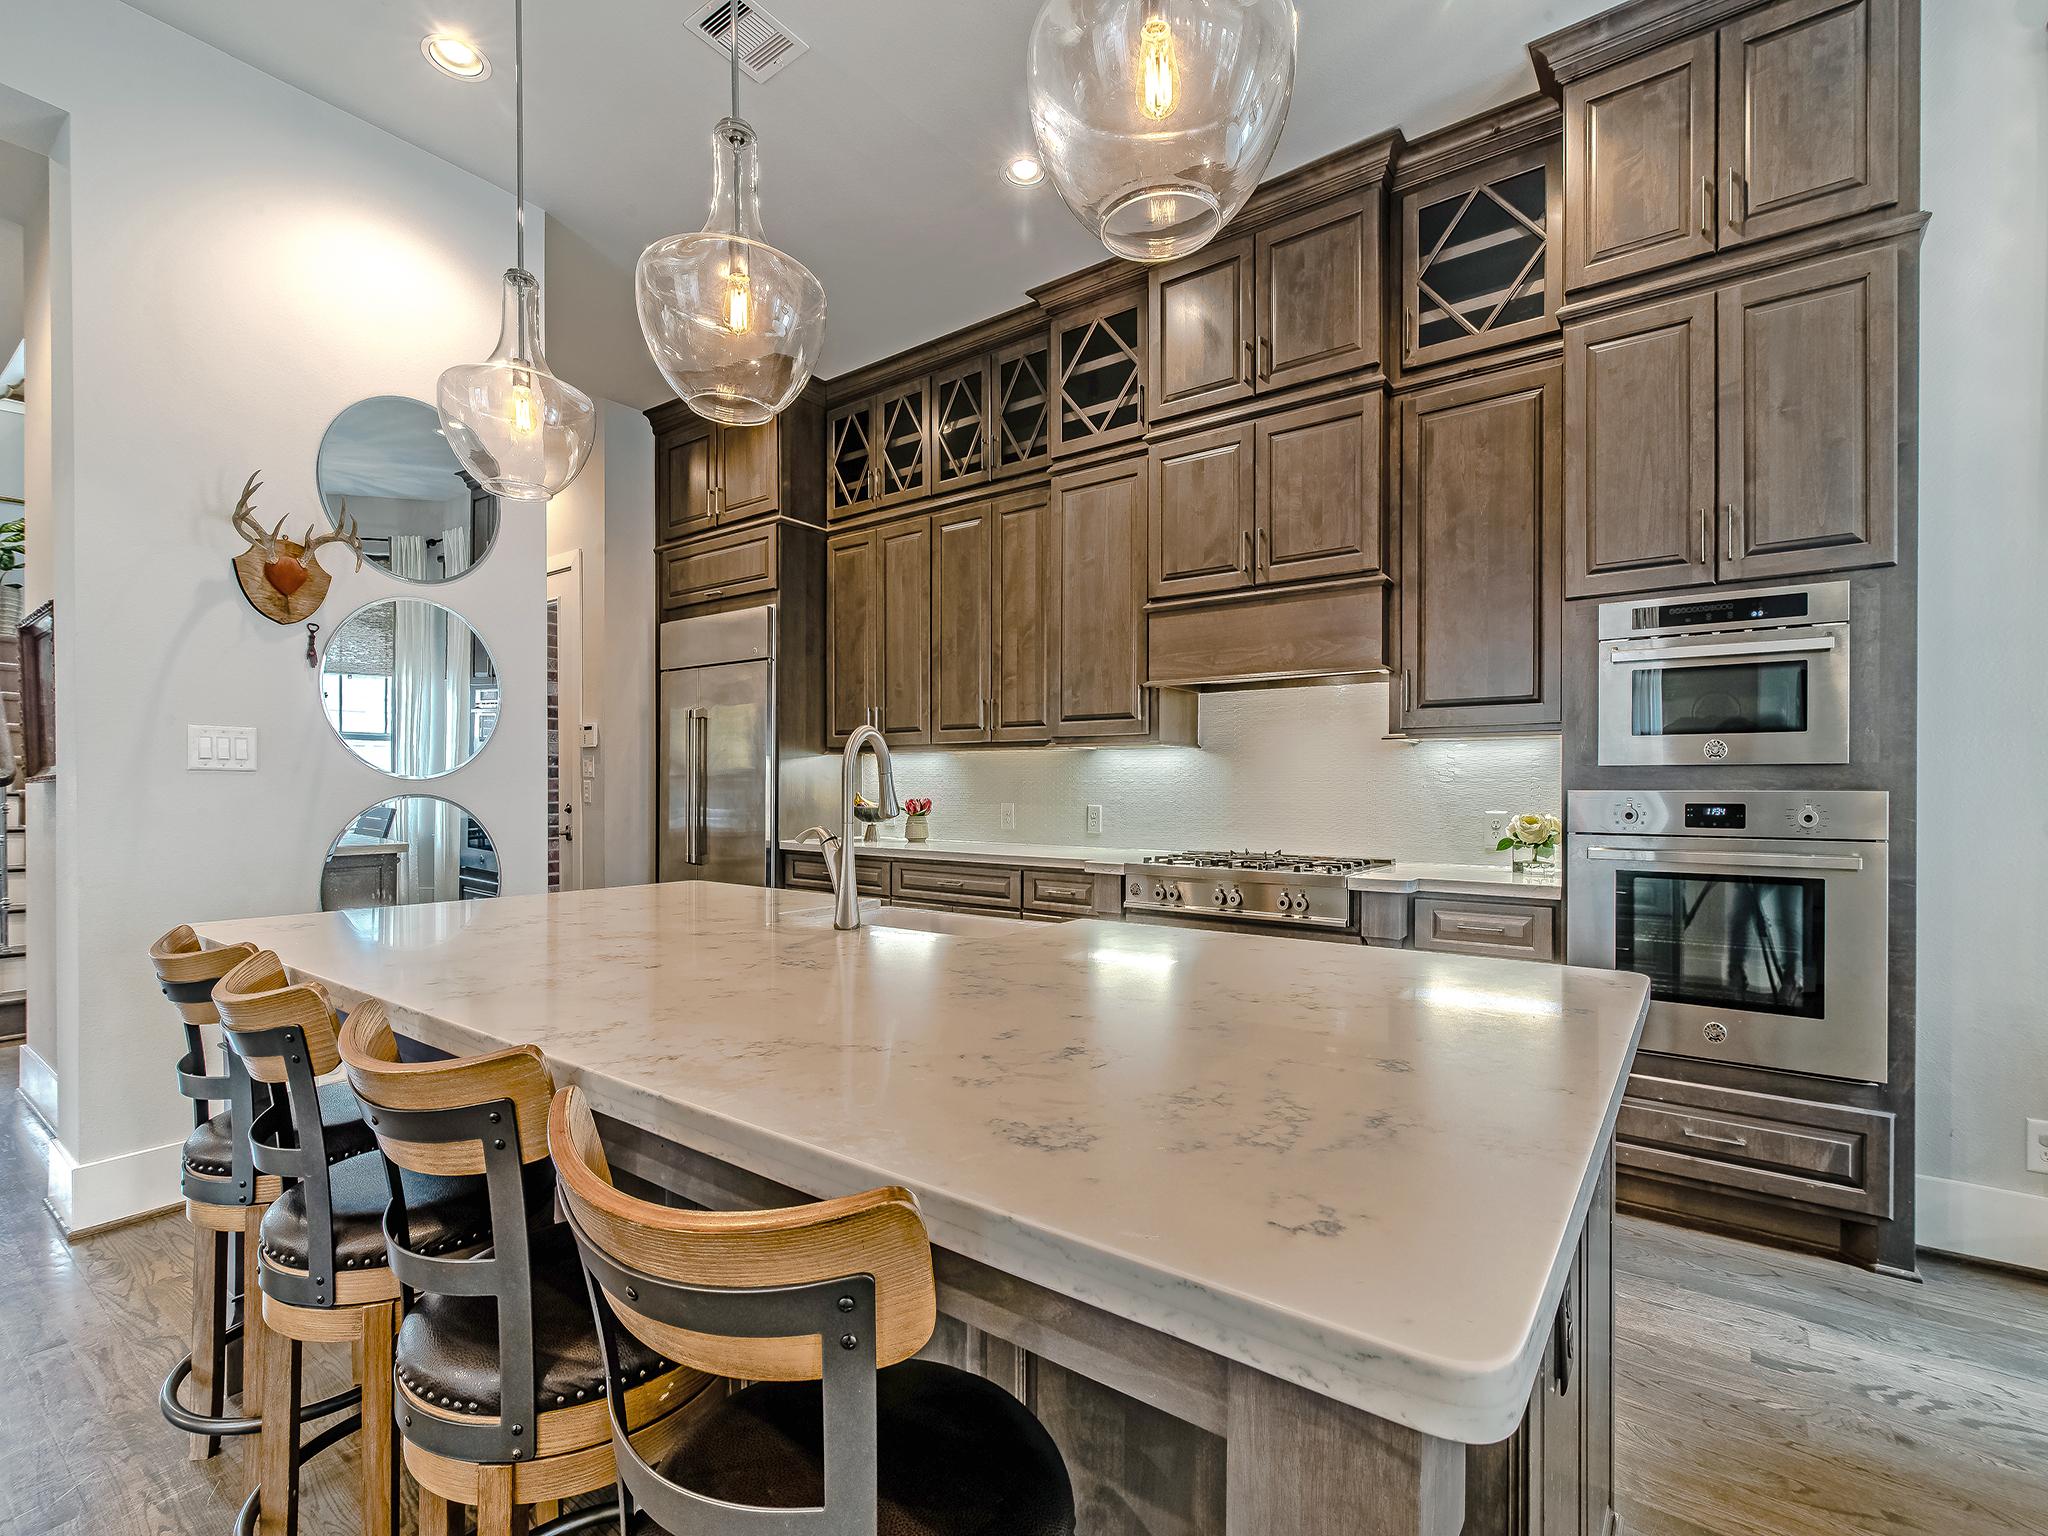 Kitchen also features quartz counters and a porcelain farm house sink.